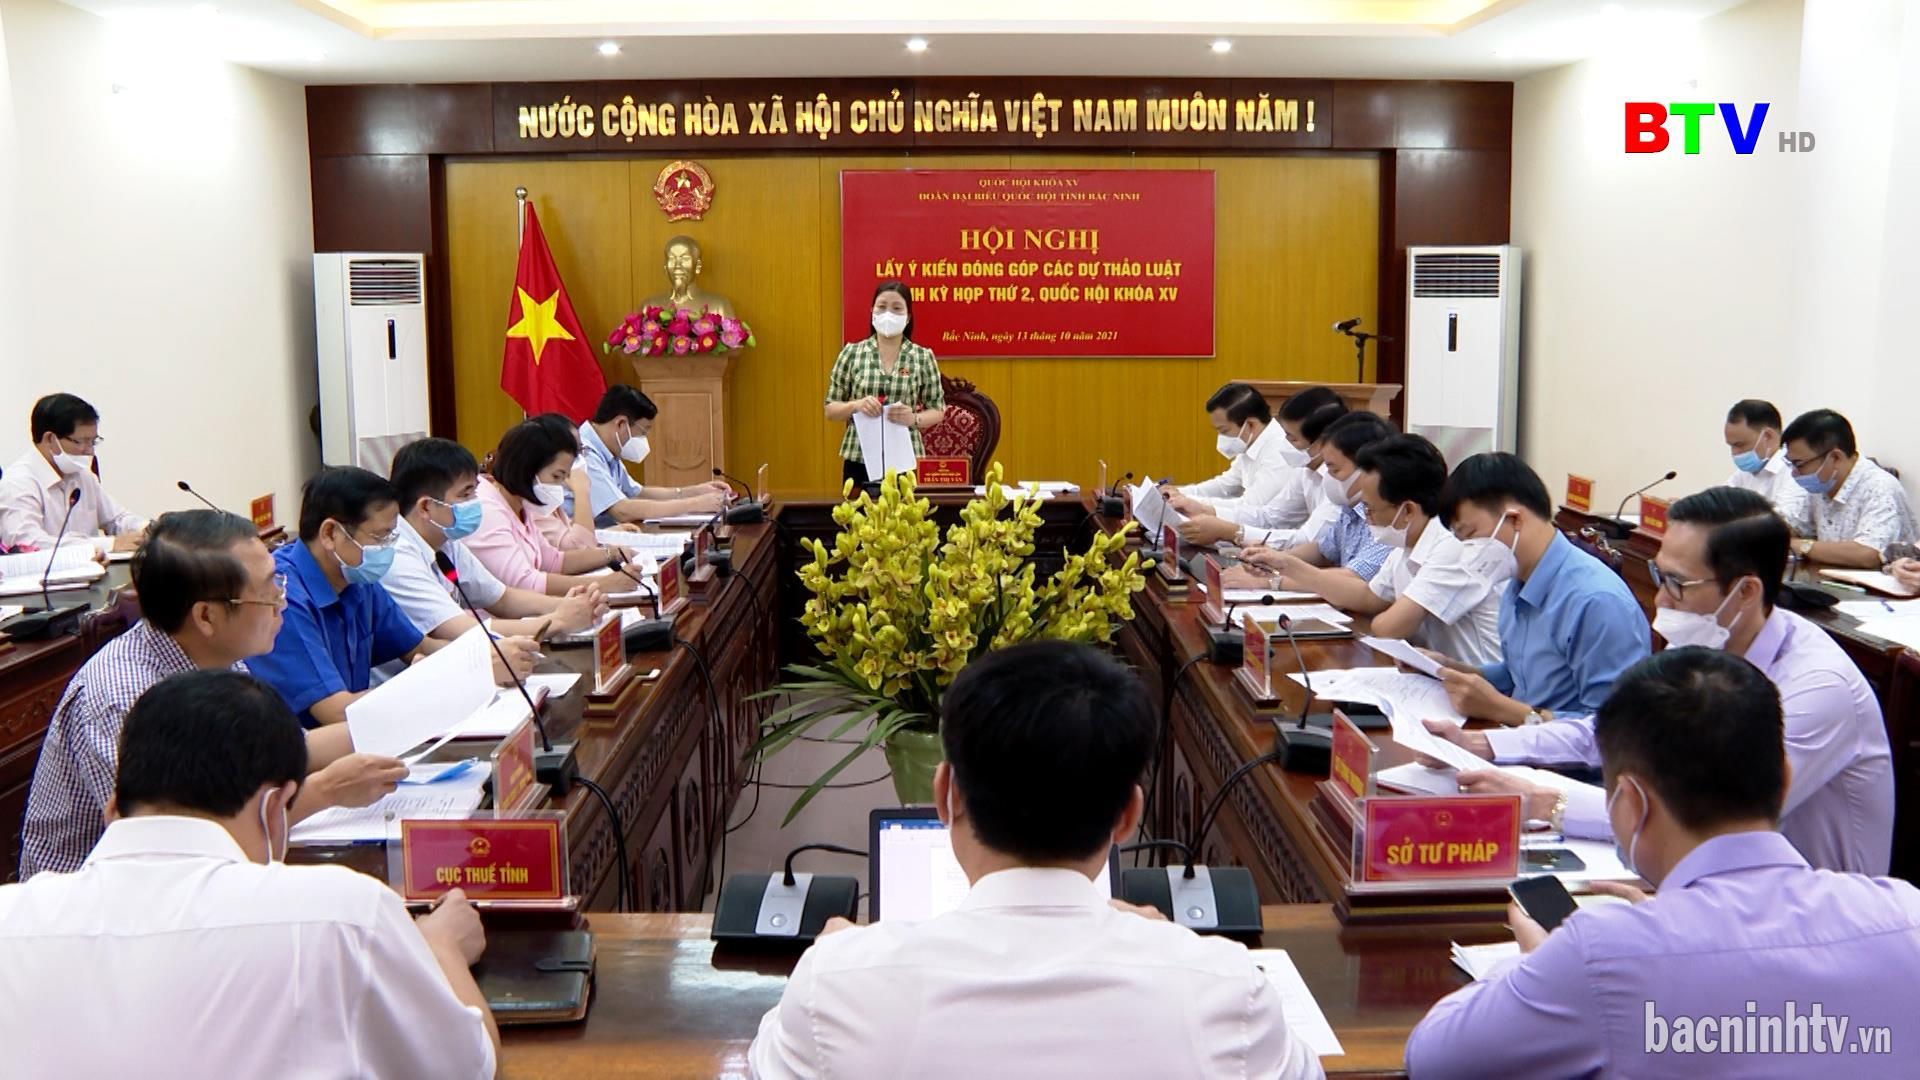 Đóng góp dự thảo Luật tại Kỳ họp thứ 2, Quốc hội khóa XV